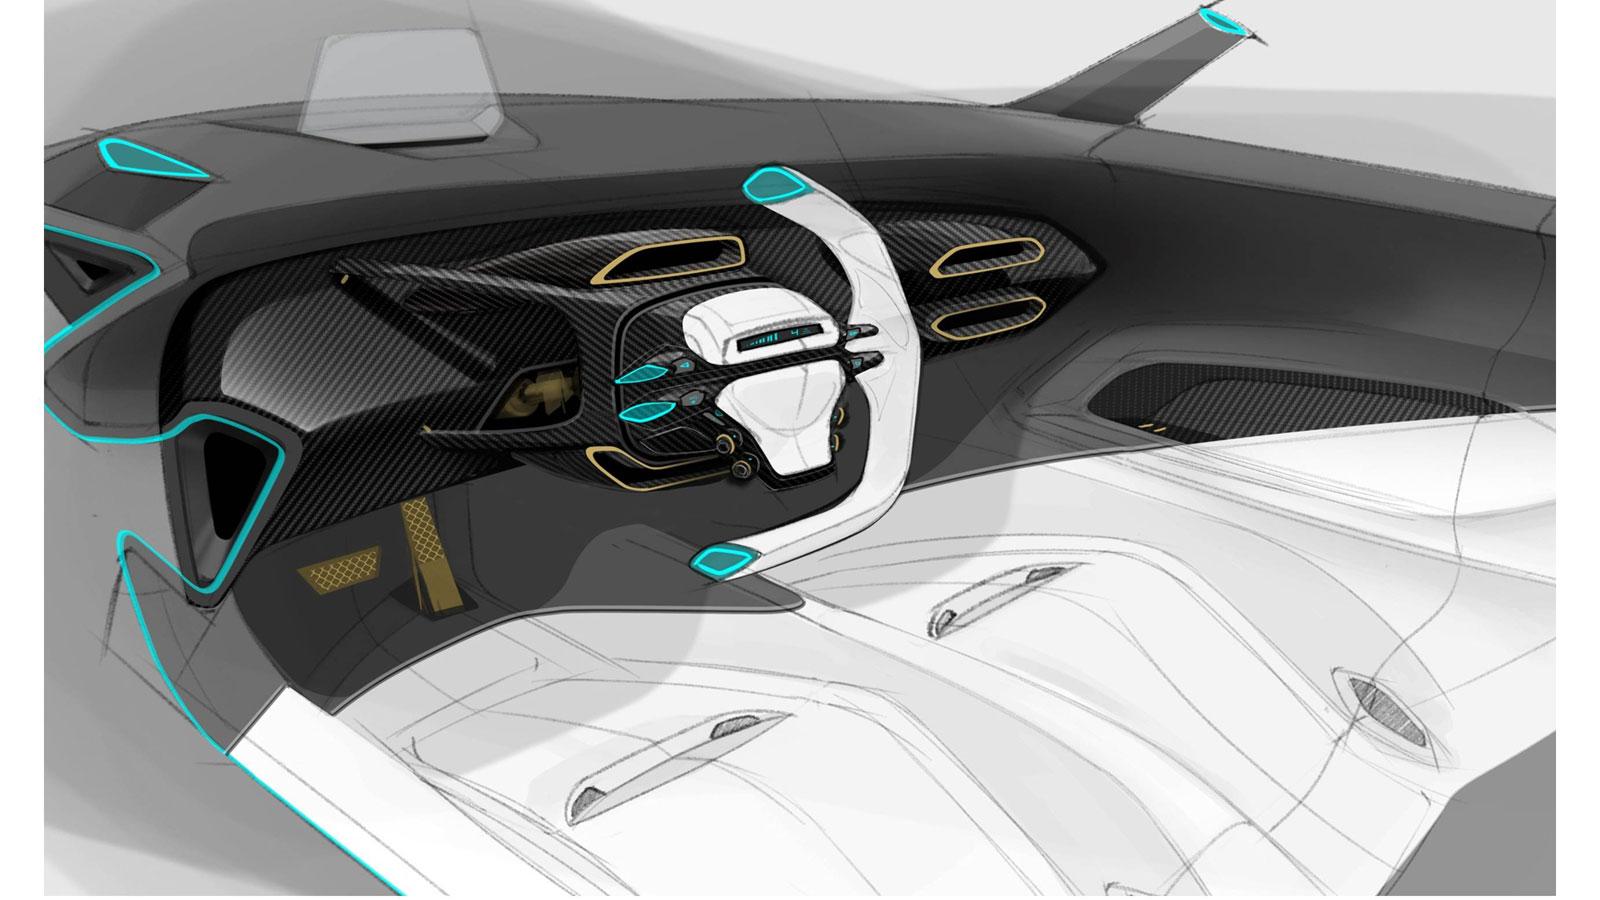 Ford GT Interior Design Sketch Render Car Body Design